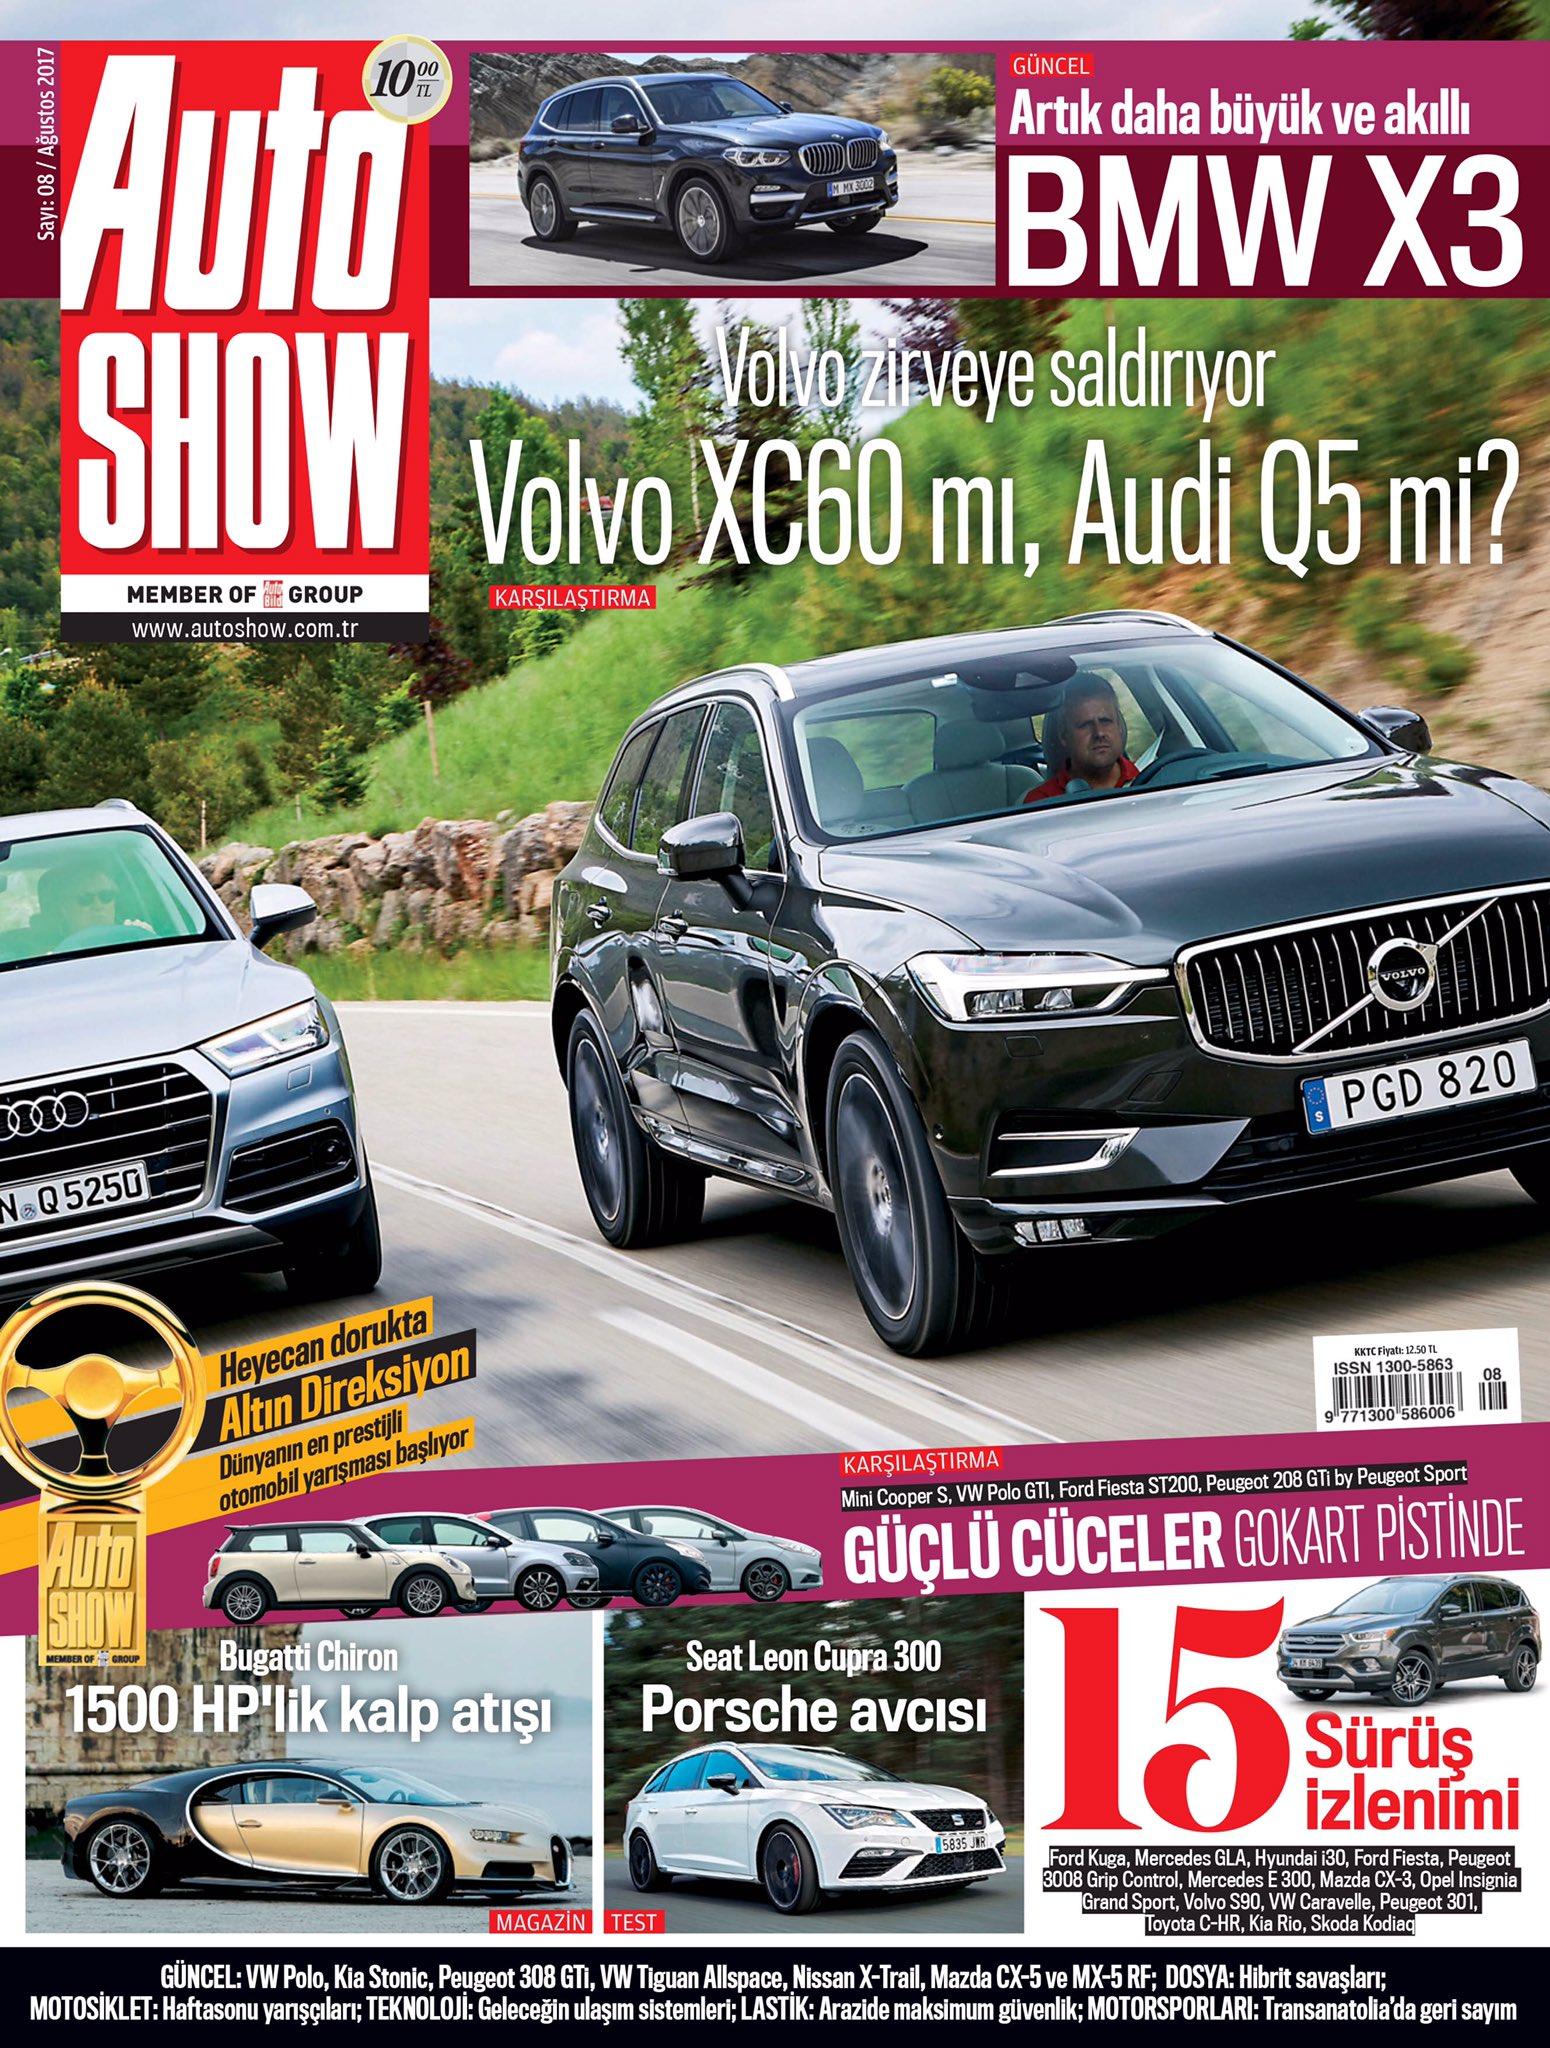 #Volvo XC60 ve #Audi Q5 Zirvenin sahibi kim olacak. Auto SHOW Dergi Ağustos sayısında. https://t.co/SvBgBTEKqX